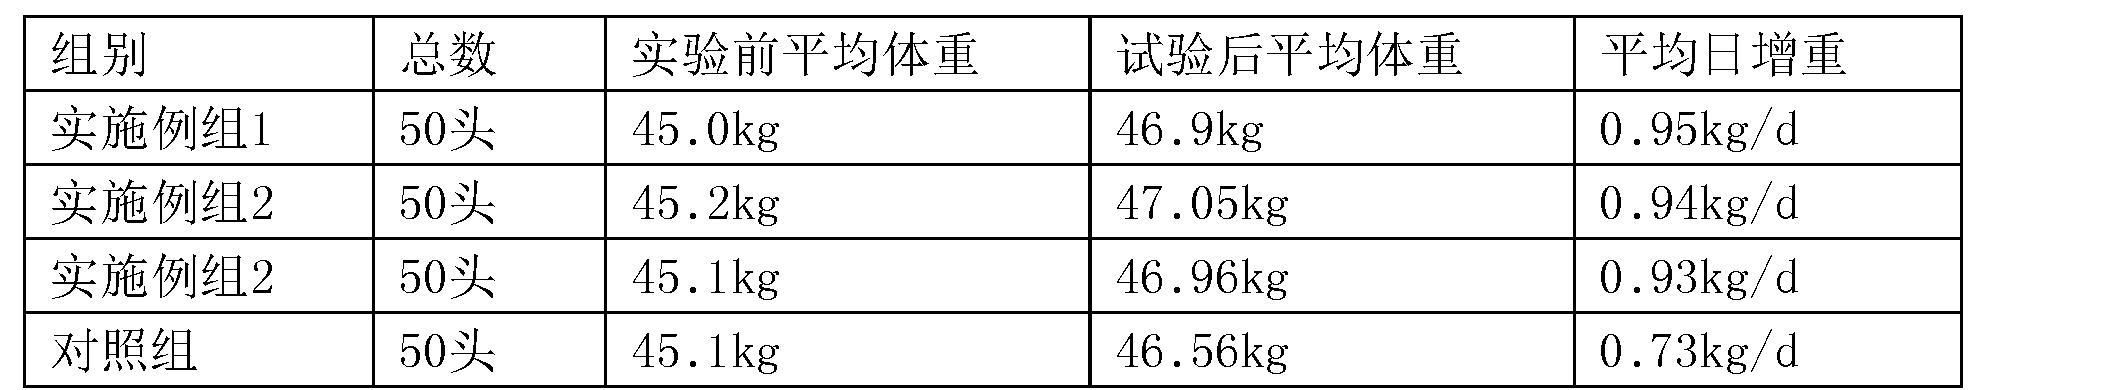 体重 女性 平均